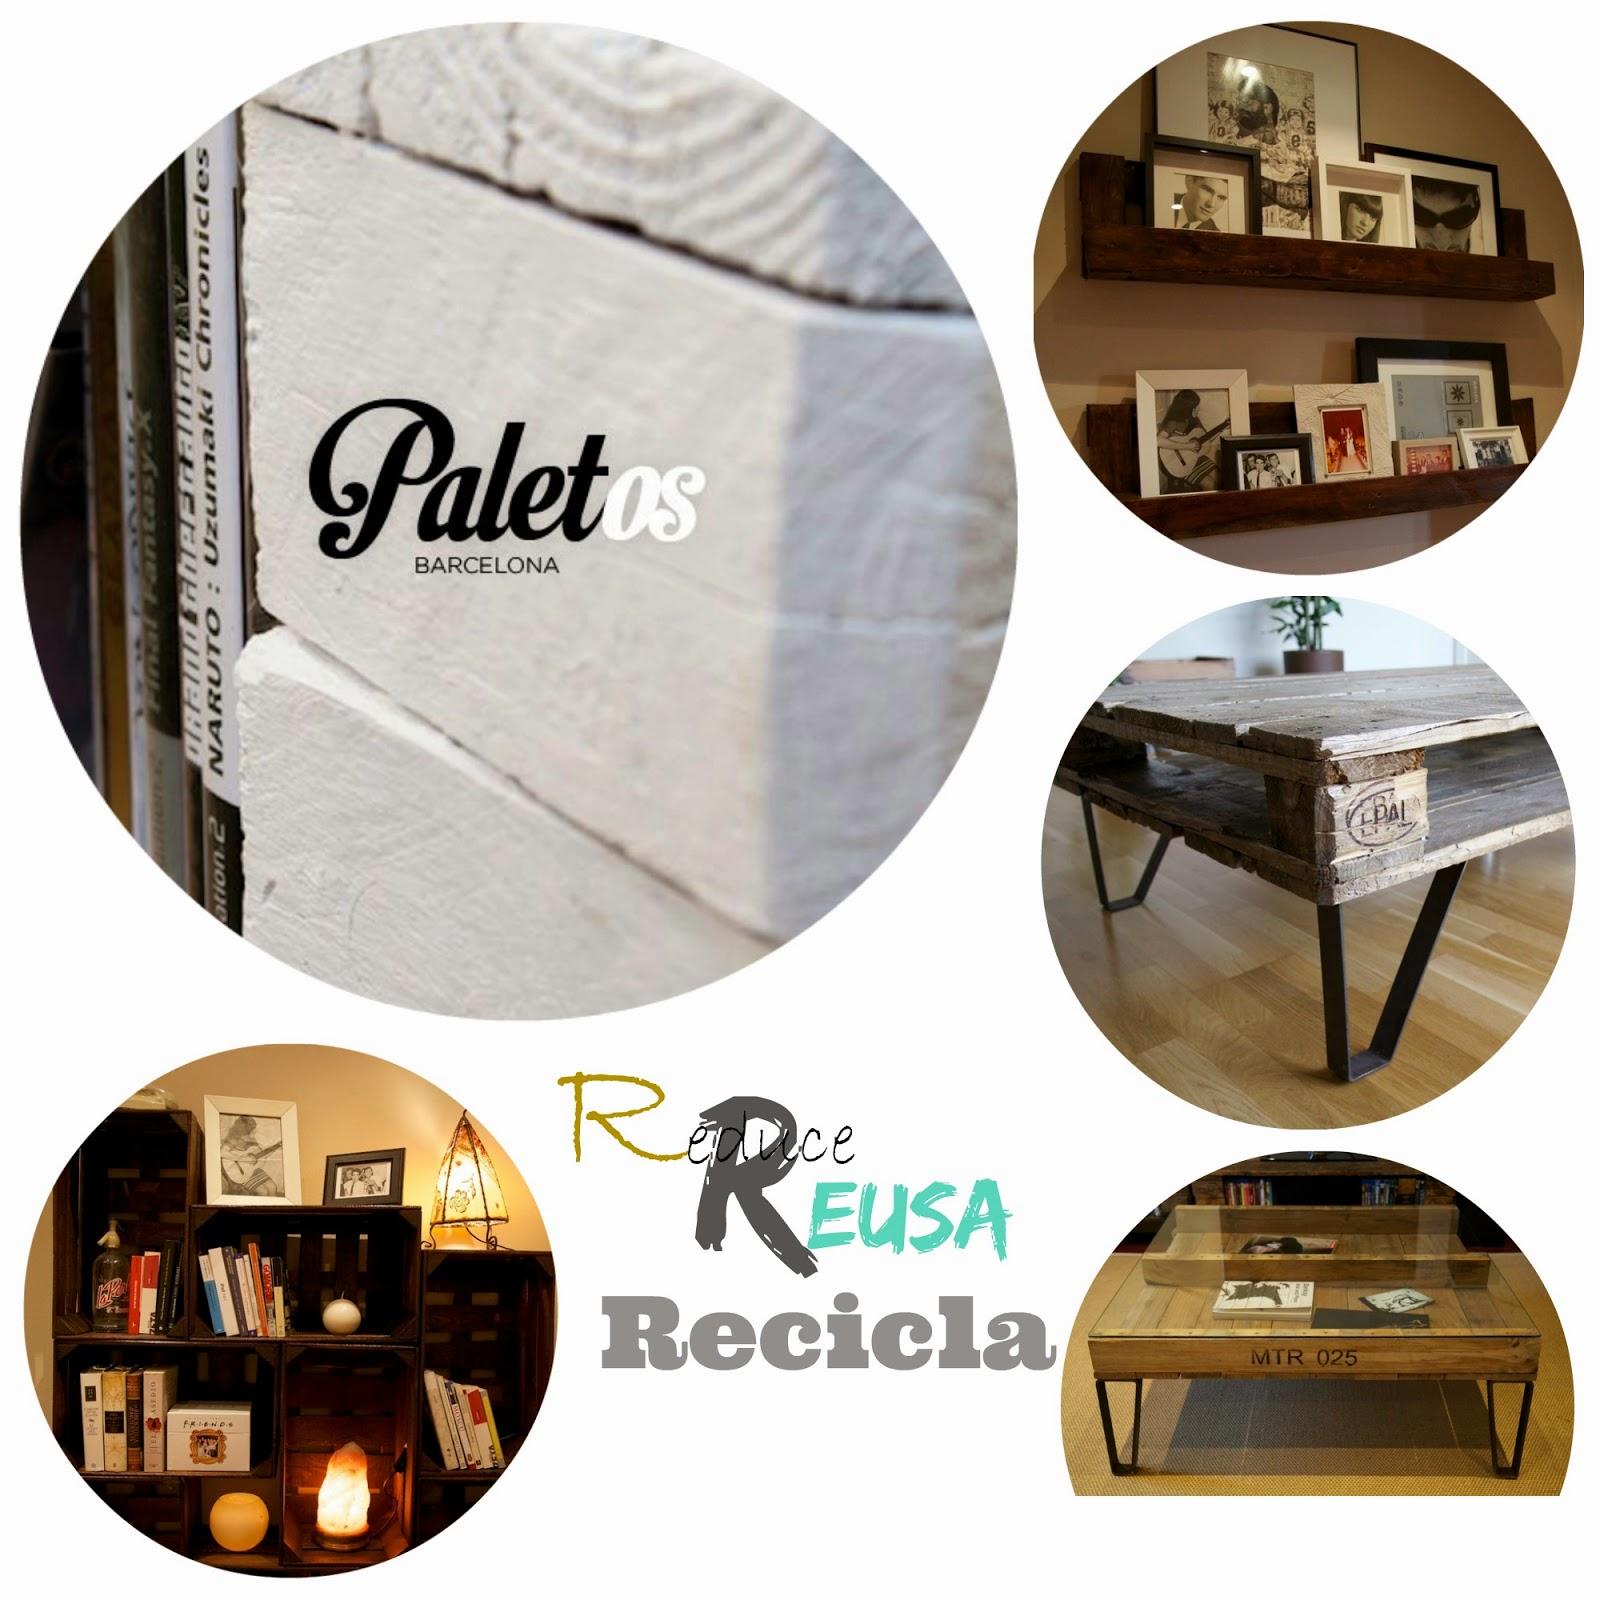 Paletos Algo Mas Que Muebles Naturalidad Y Cari O Para Nuestra  # Muebles Pagina Web